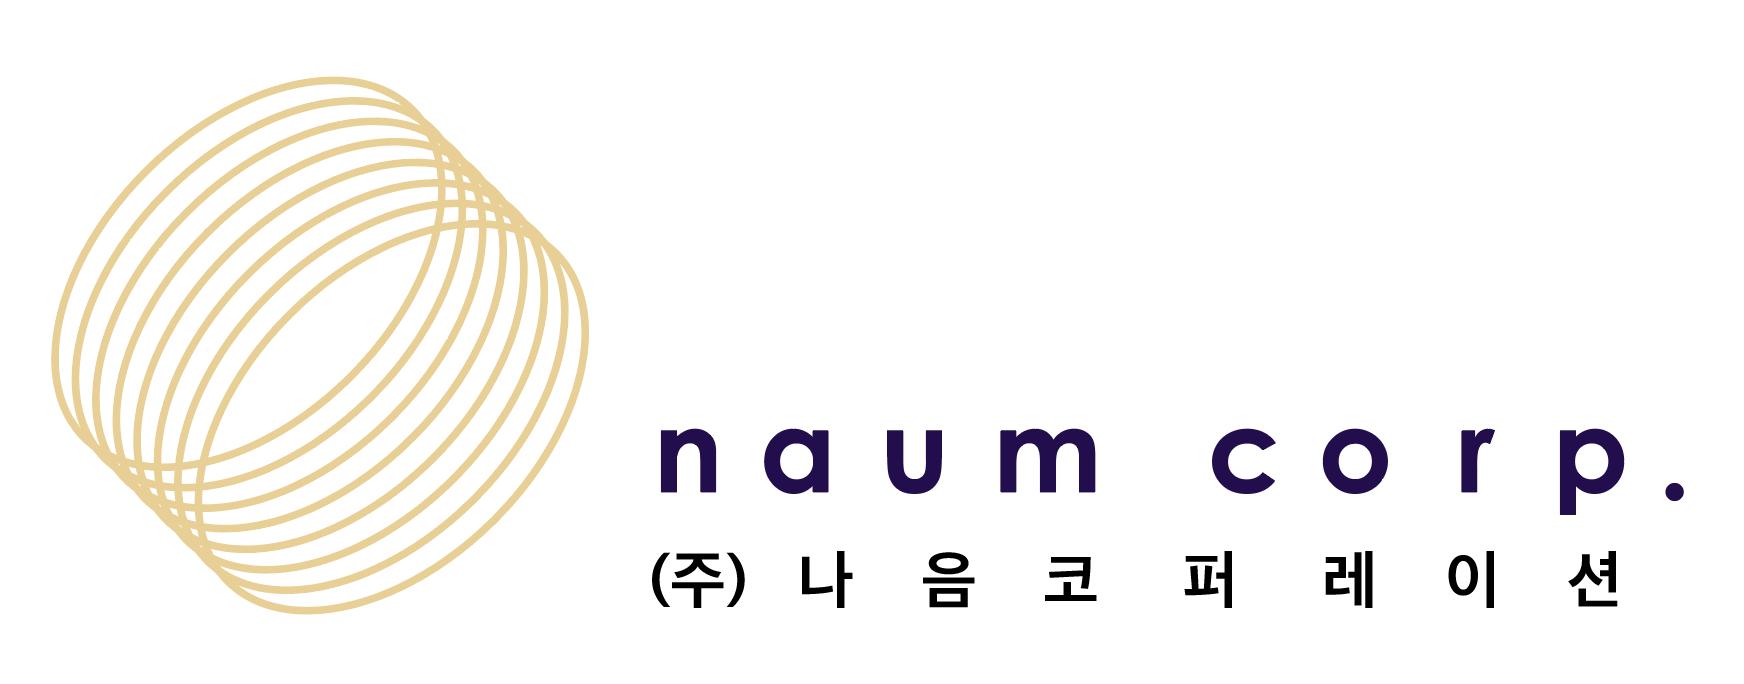 디에스케이의 계열사 (주)나음코퍼레이션의 로고